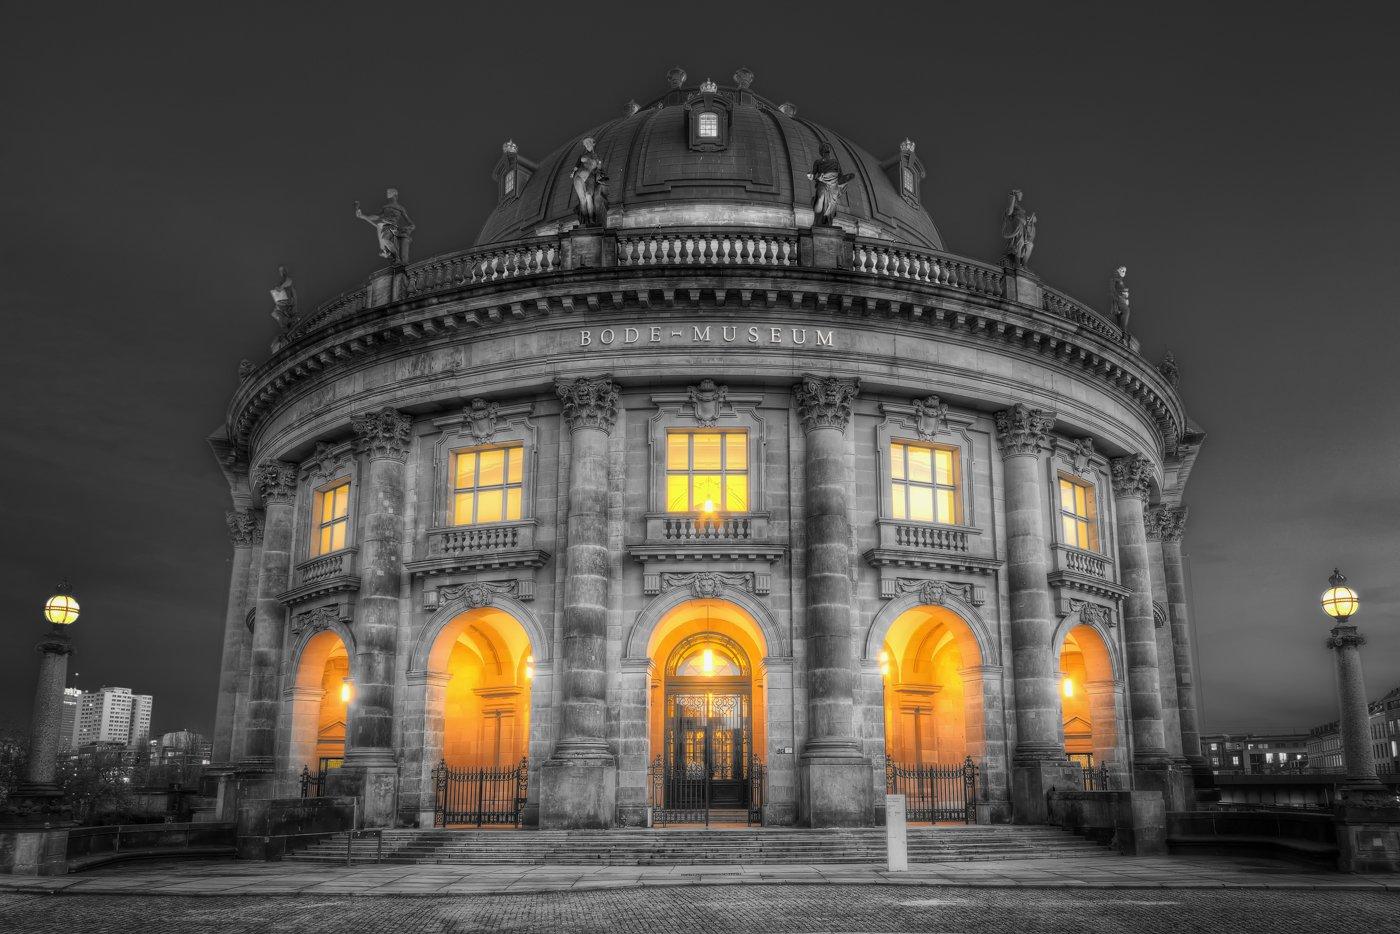 Bode-Museum in Berlijn in zwart-wit